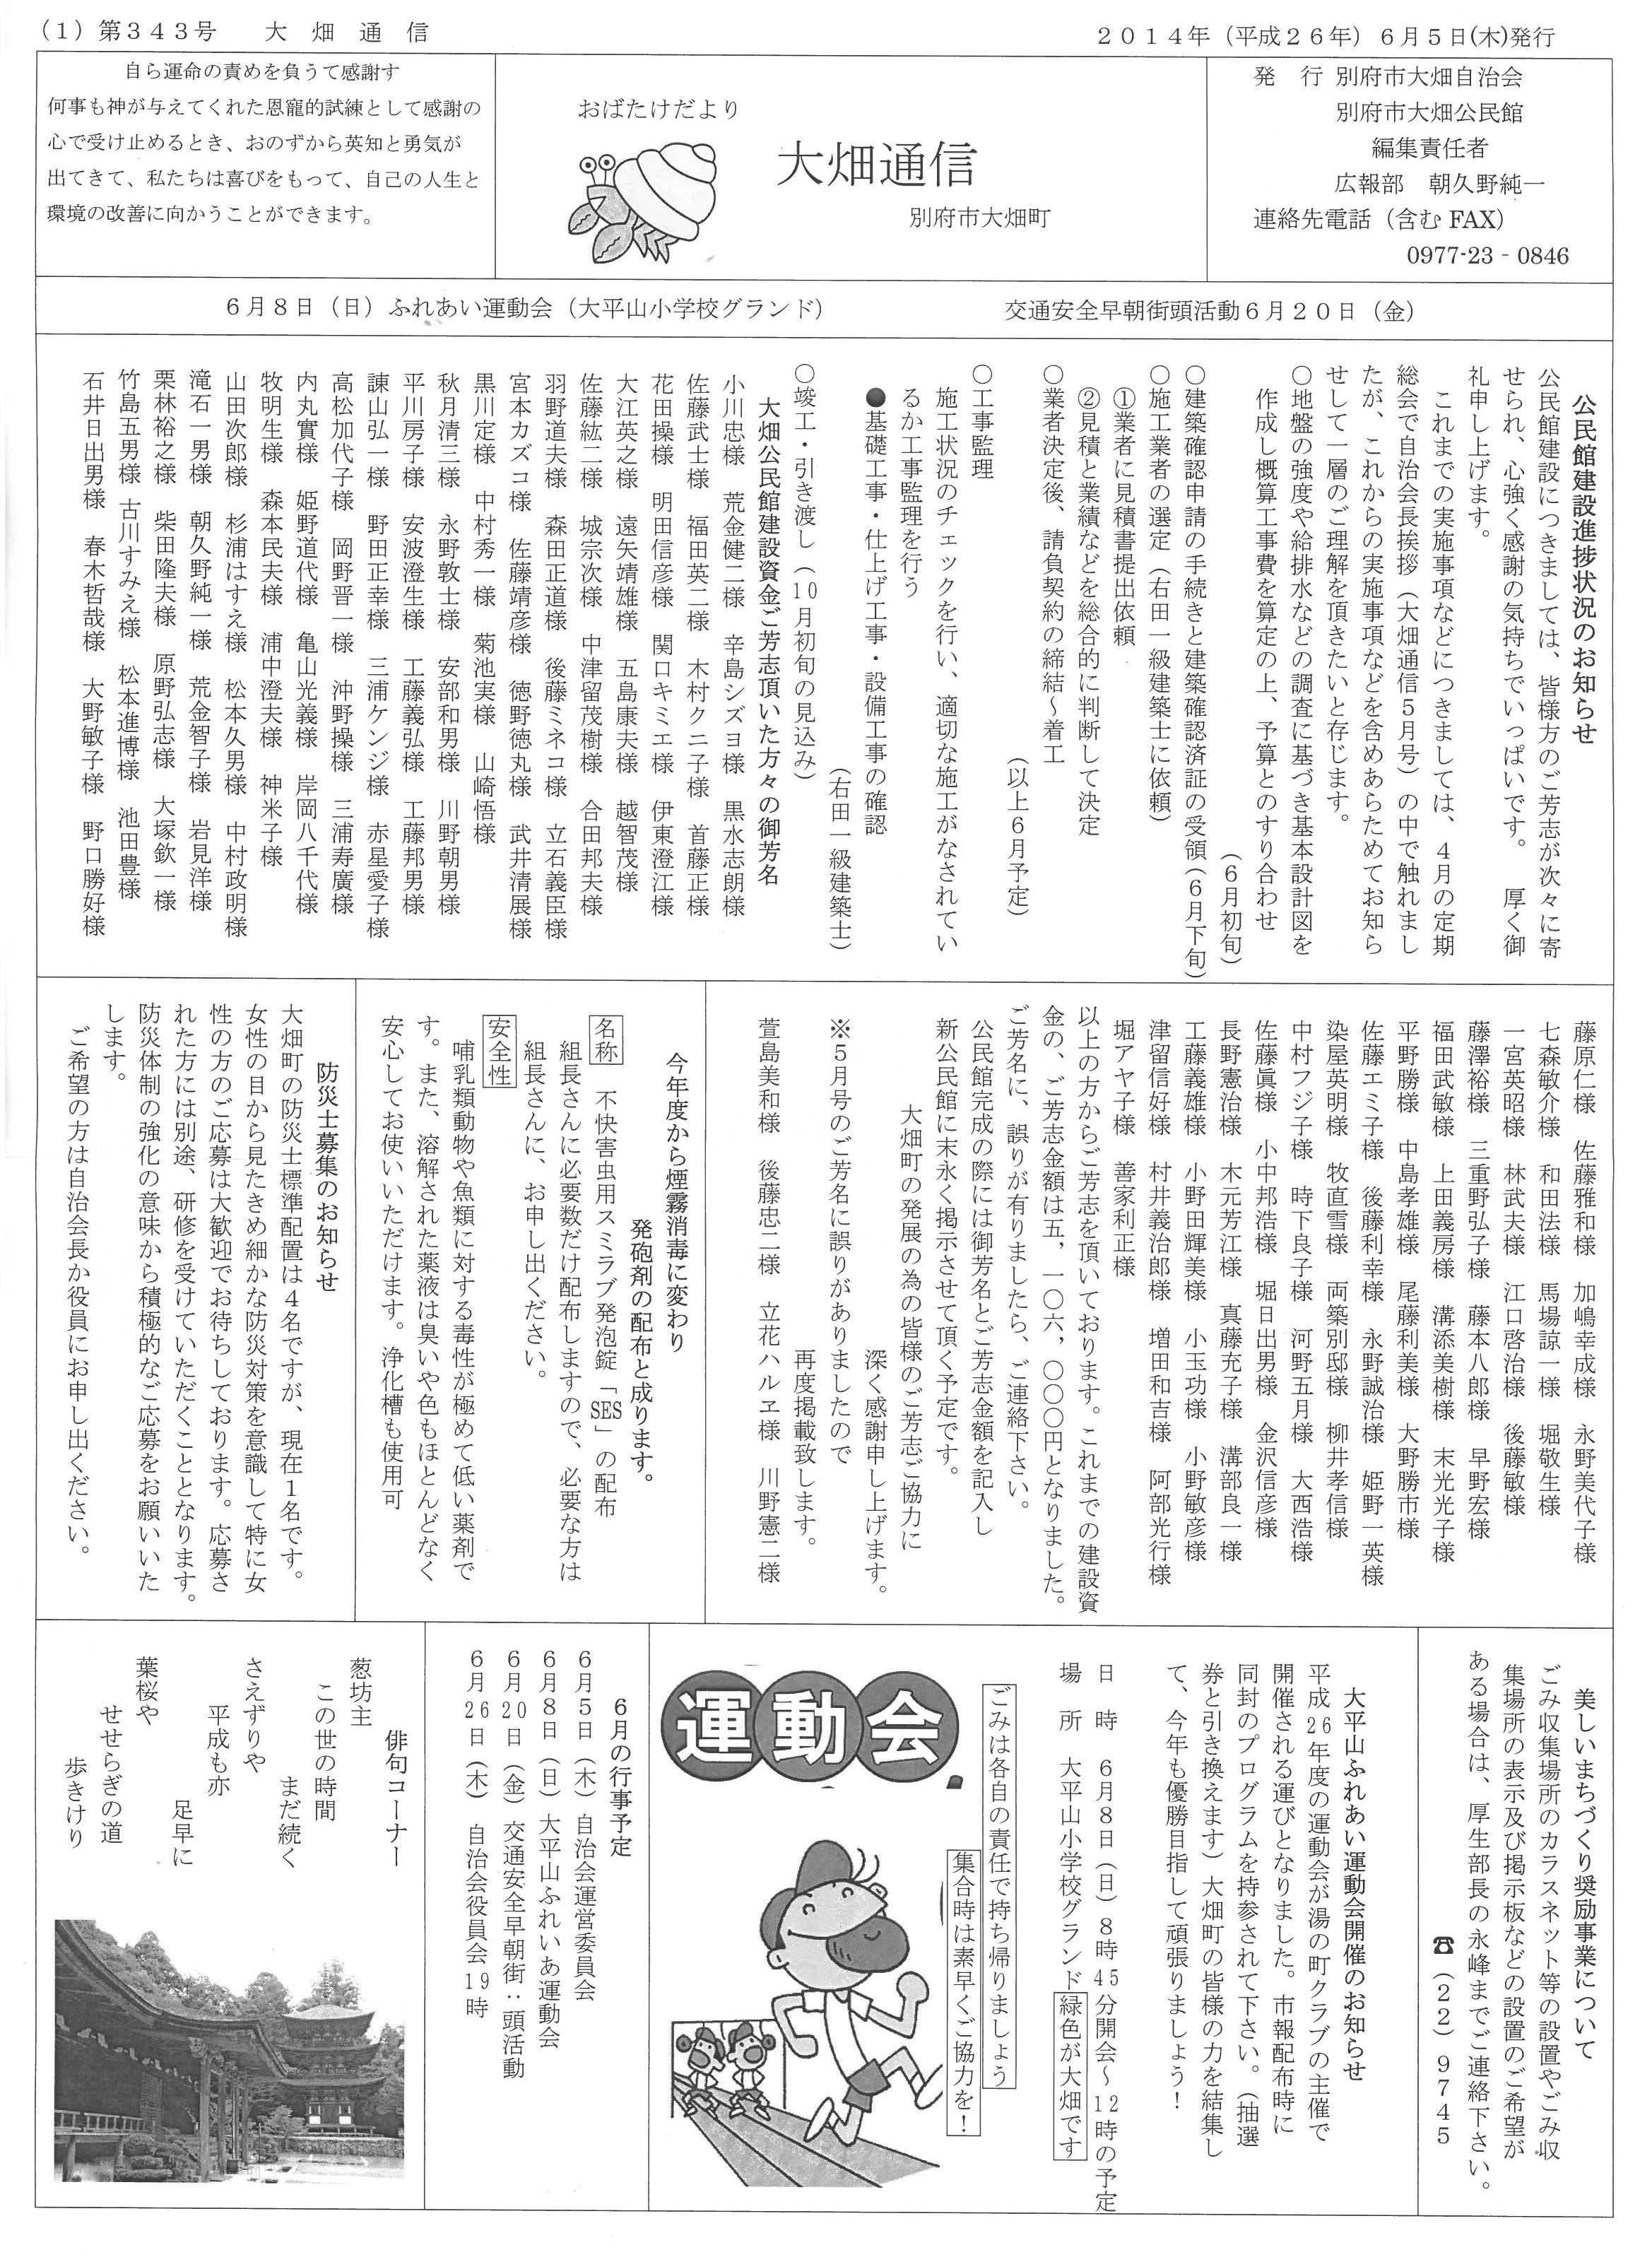 obatake2014_06_01